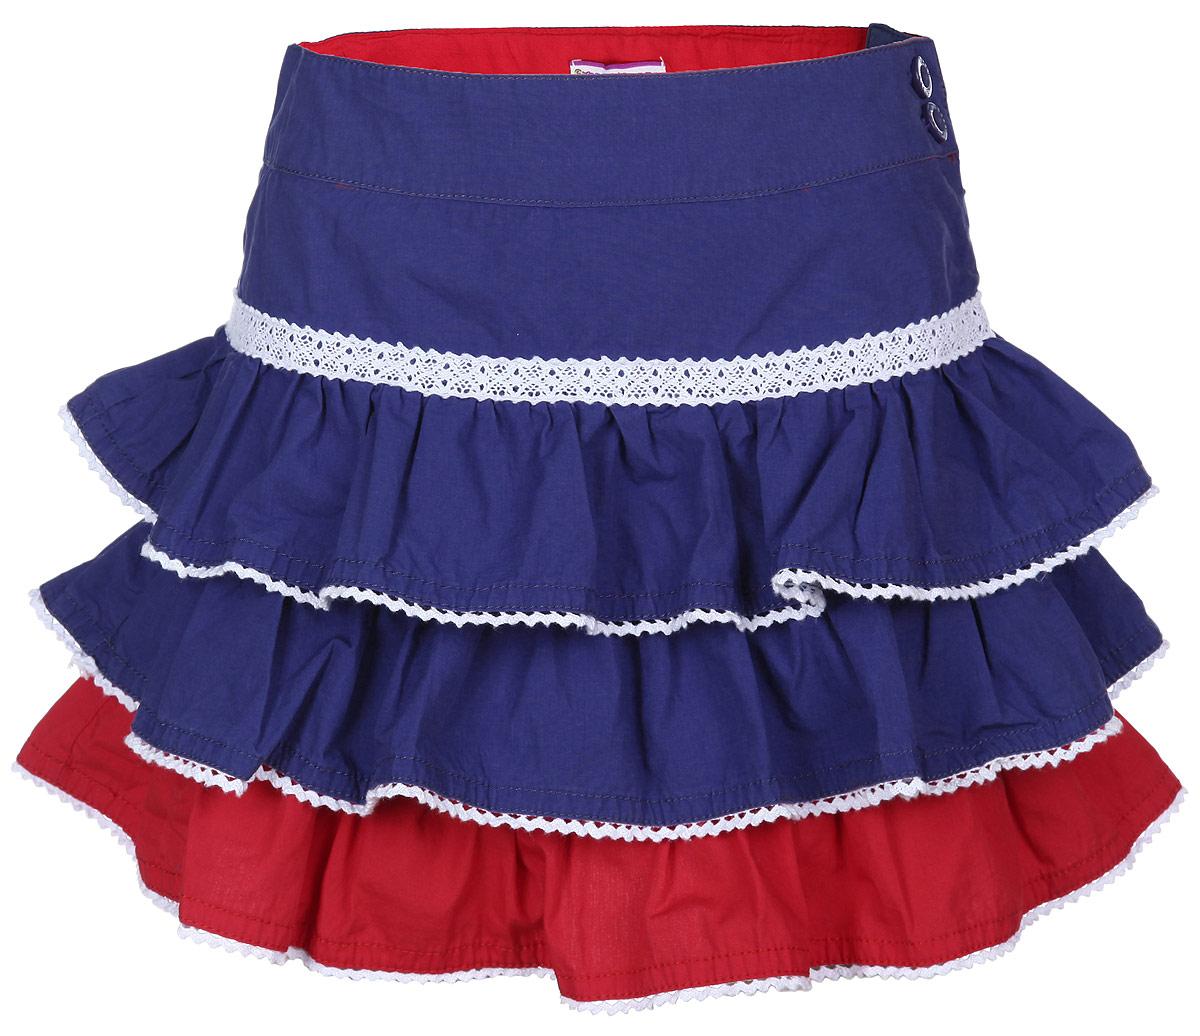 Юбка195564Юбка для девочки Sweet Berry подойдет вашей маленькой моднице и станет отличным дополнением к ее гардеробу. Изготовленная из натурального хлопка, она мягкая и приятная на ощупь, не сковывает движения и позволяет коже дышать. Модель на поясе имеет широкую трикотажную резинку и застегивается сбоку на молнию и две пуговицы в поясе. Юбка на кокетке дополнена двойной оборкой с рюшами, обработанными ажурной тесьмой. В такой юбочке ваша маленькая принцесса будет чувствовать себя комфортно, уютно и всегда будет в центре внимания!